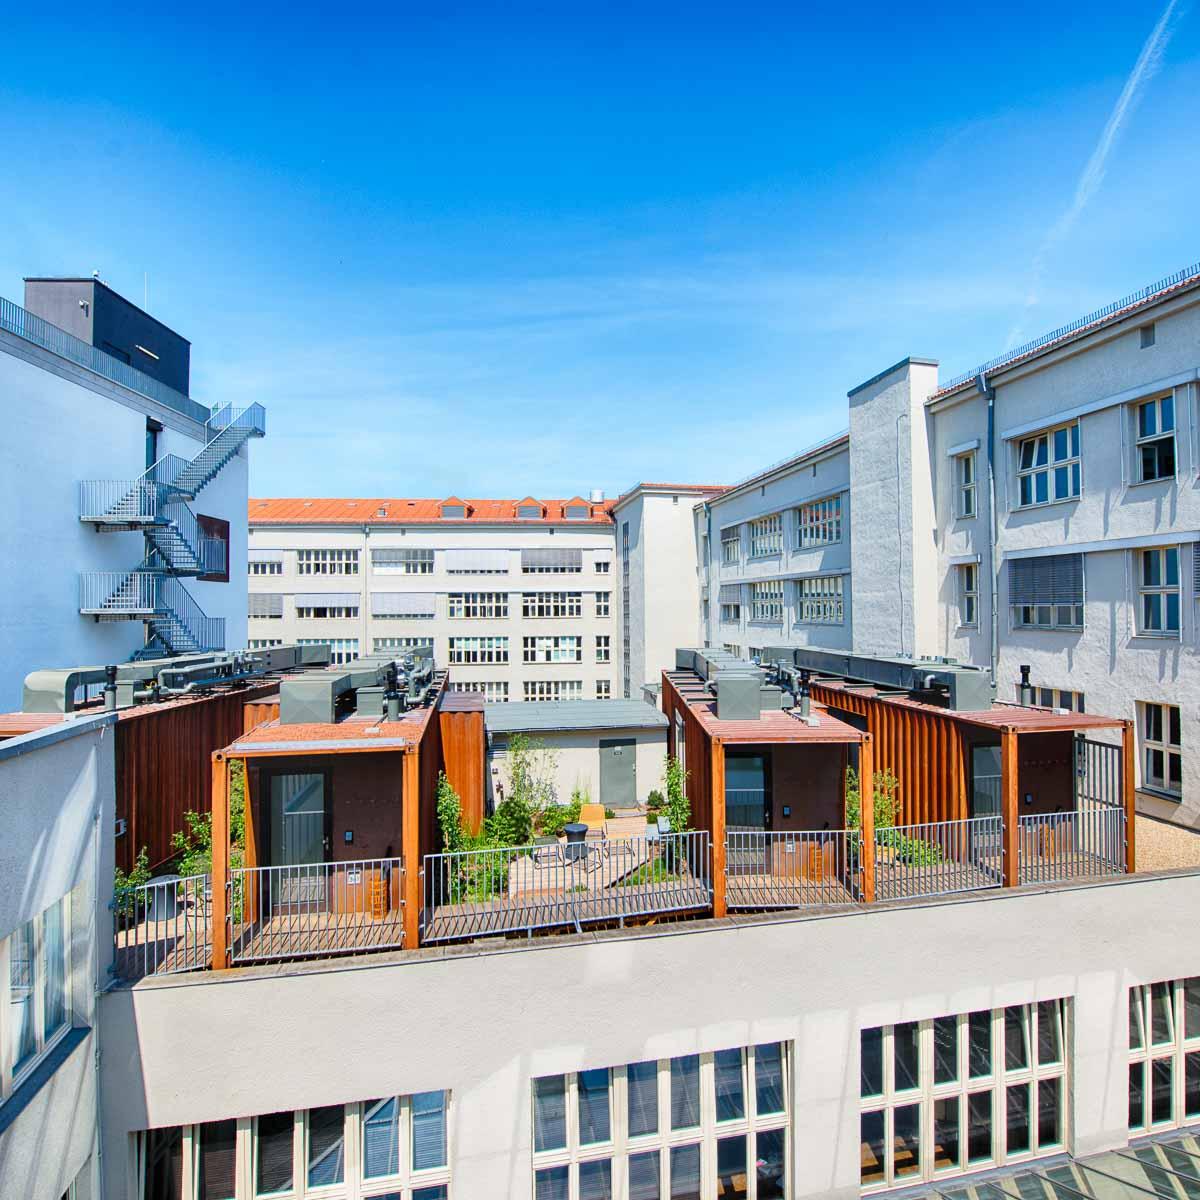 Hotels Berlin Zoologischer Garten: Boutique Hotel I31 In Mitte - Berlin